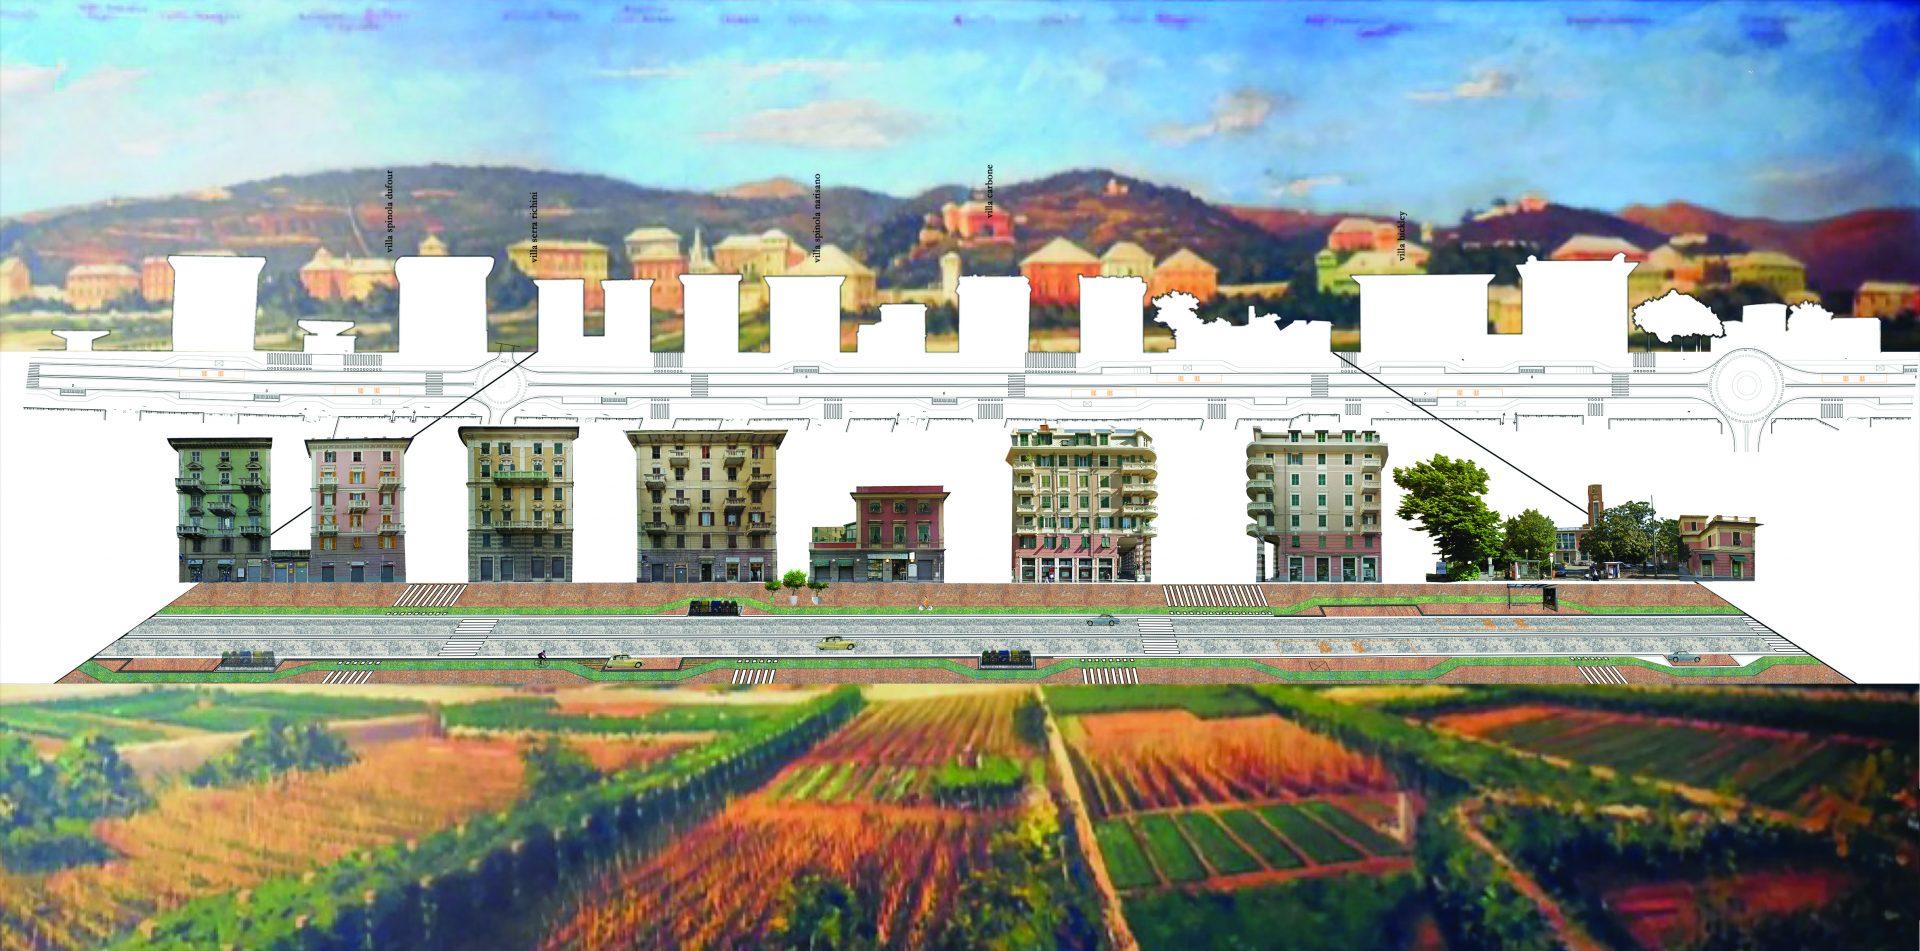 renovation_of_via_cornigliano_collage